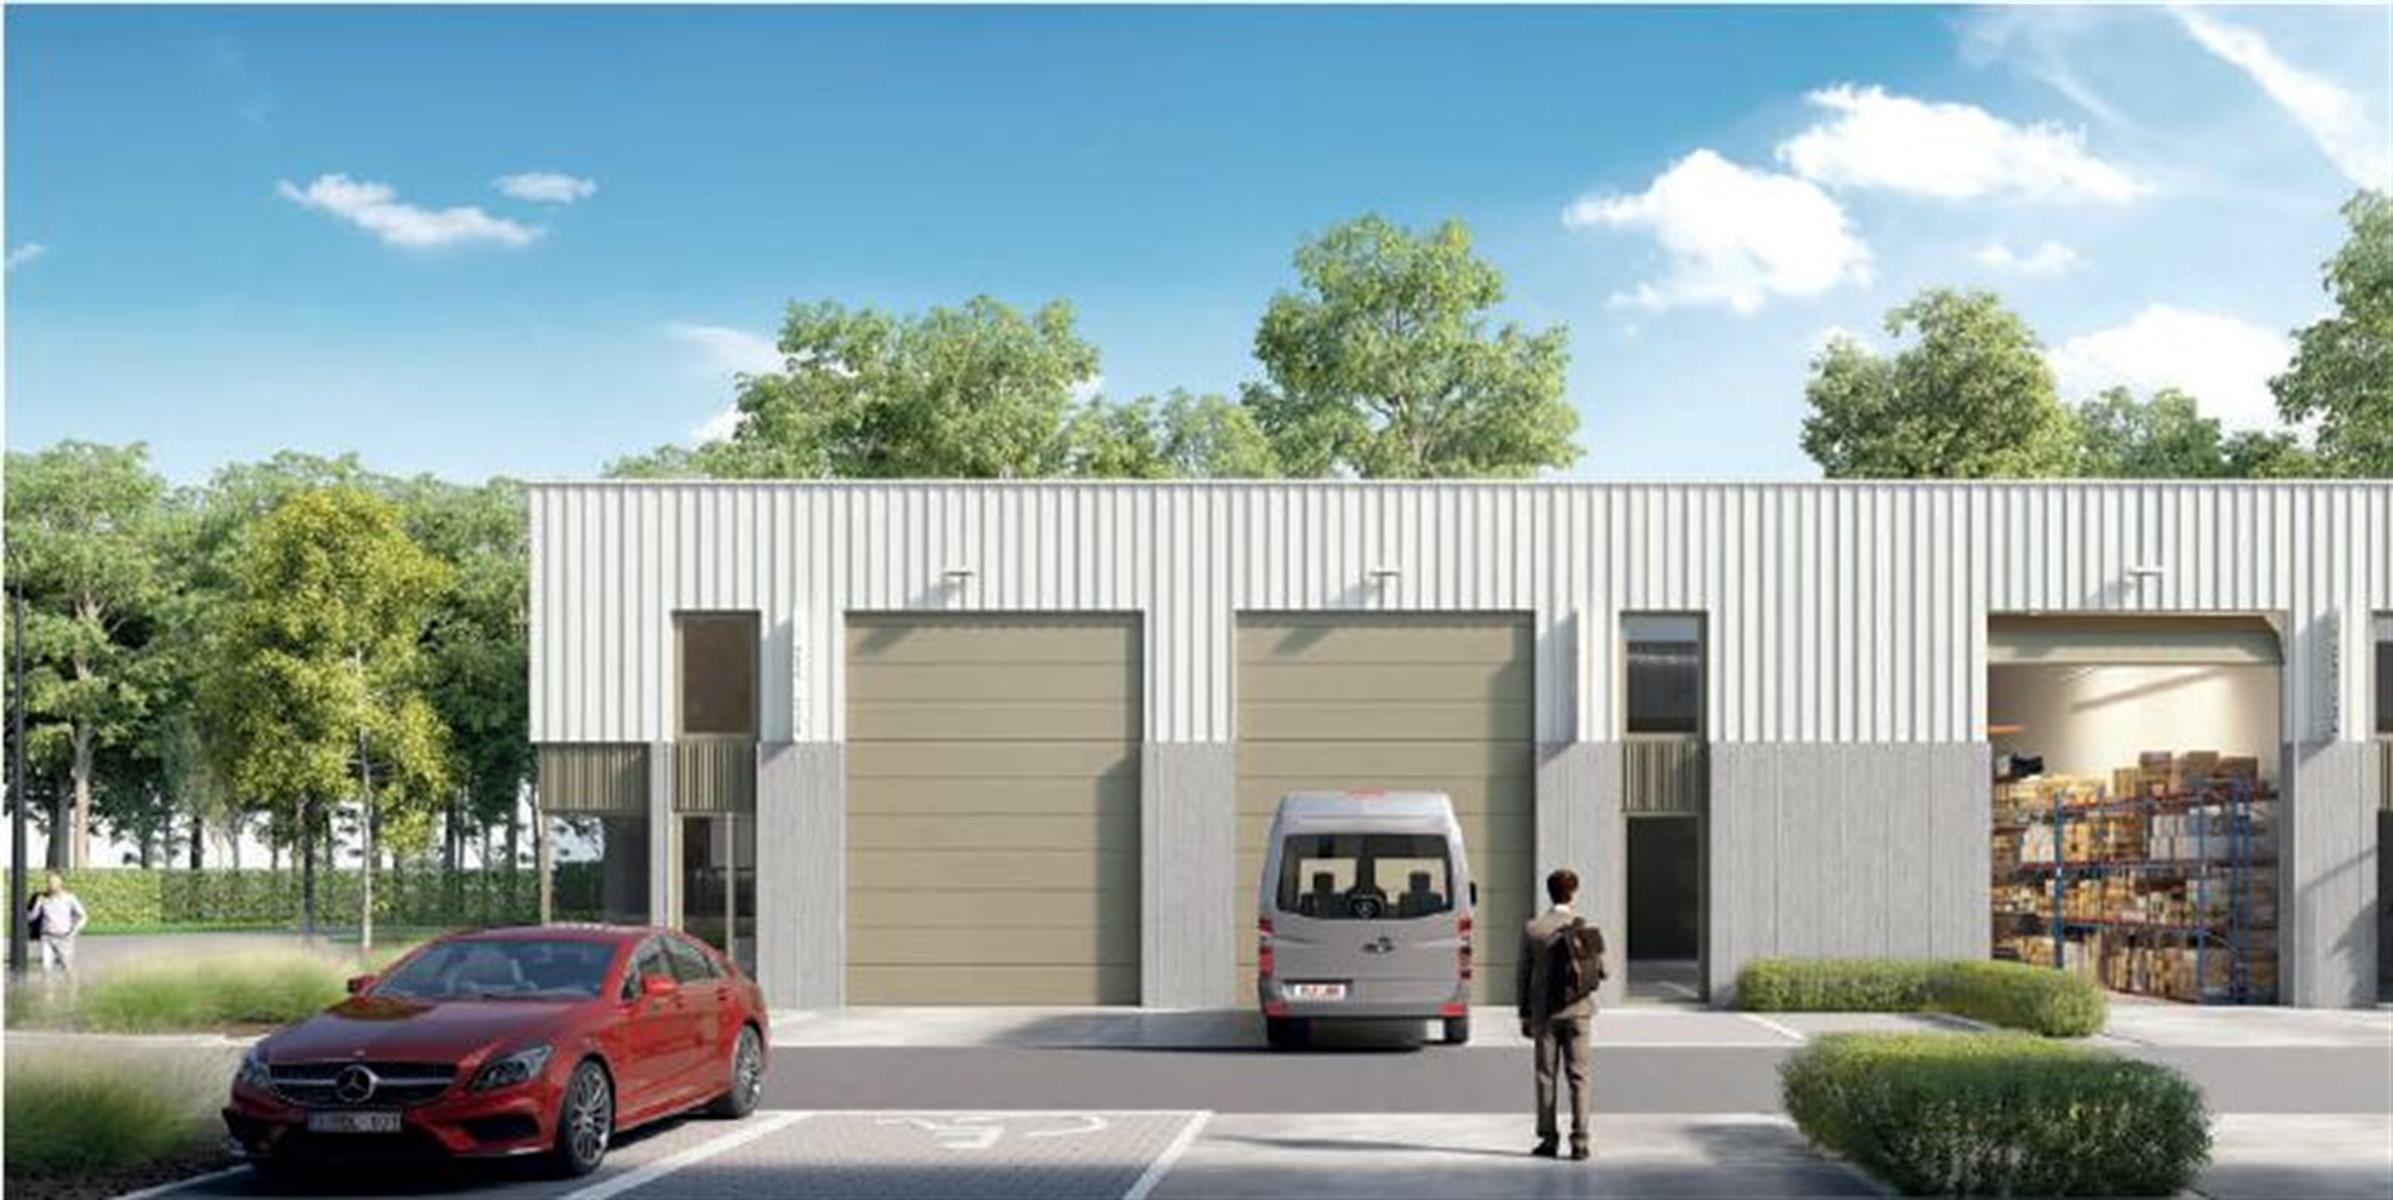 KMO-unit te koop Bollaarpark Lier - 2500 Lier, België 4